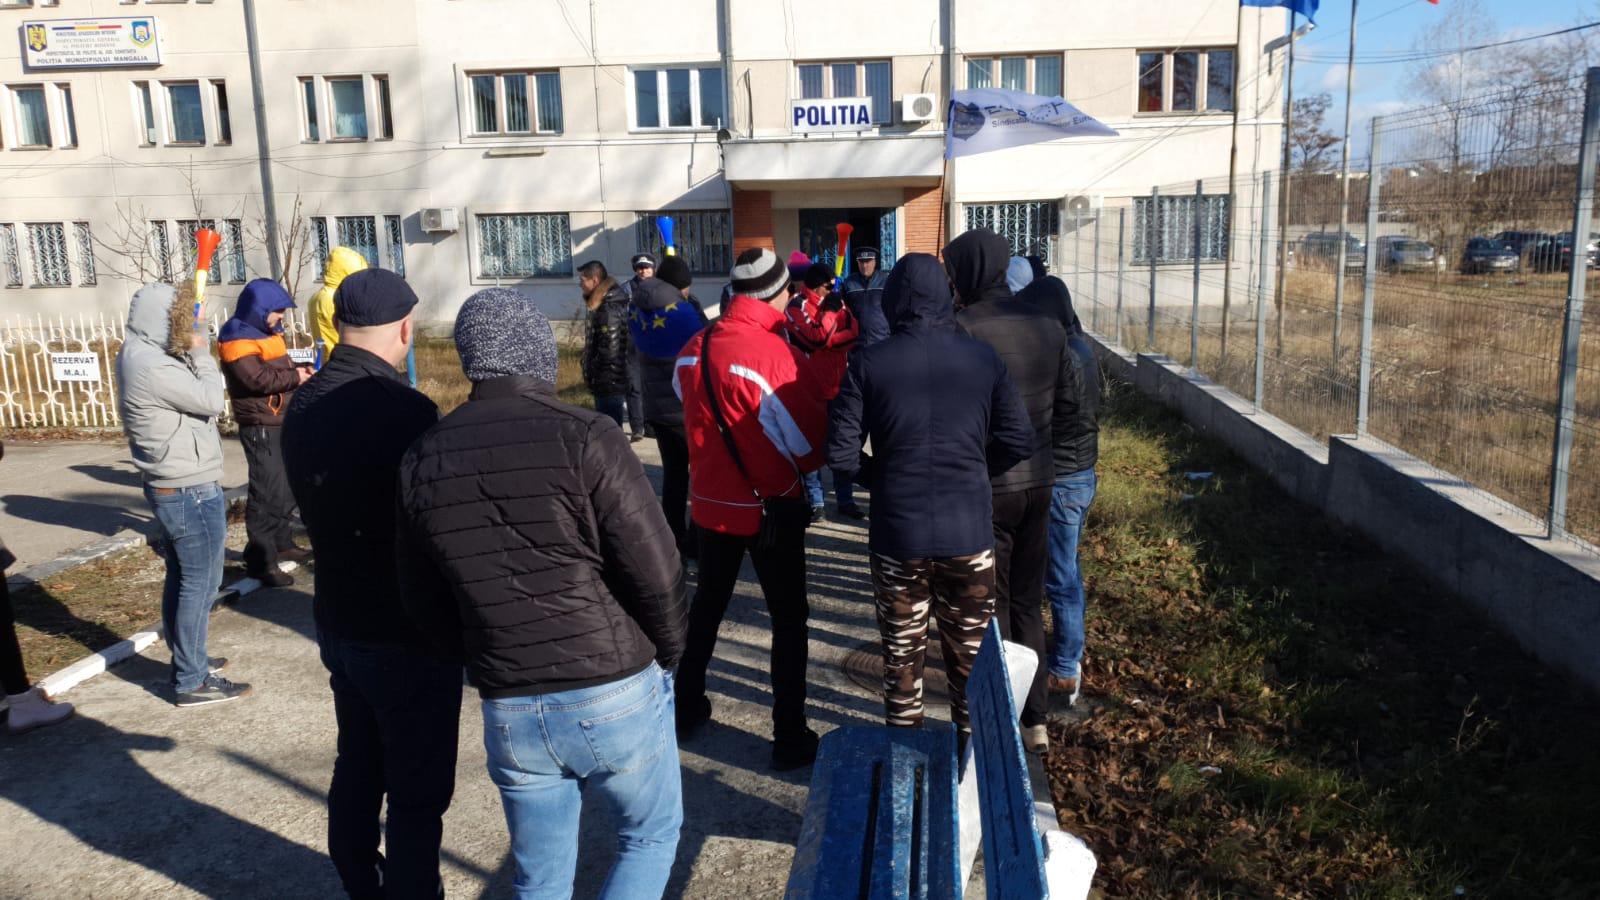 protest politia mangalia